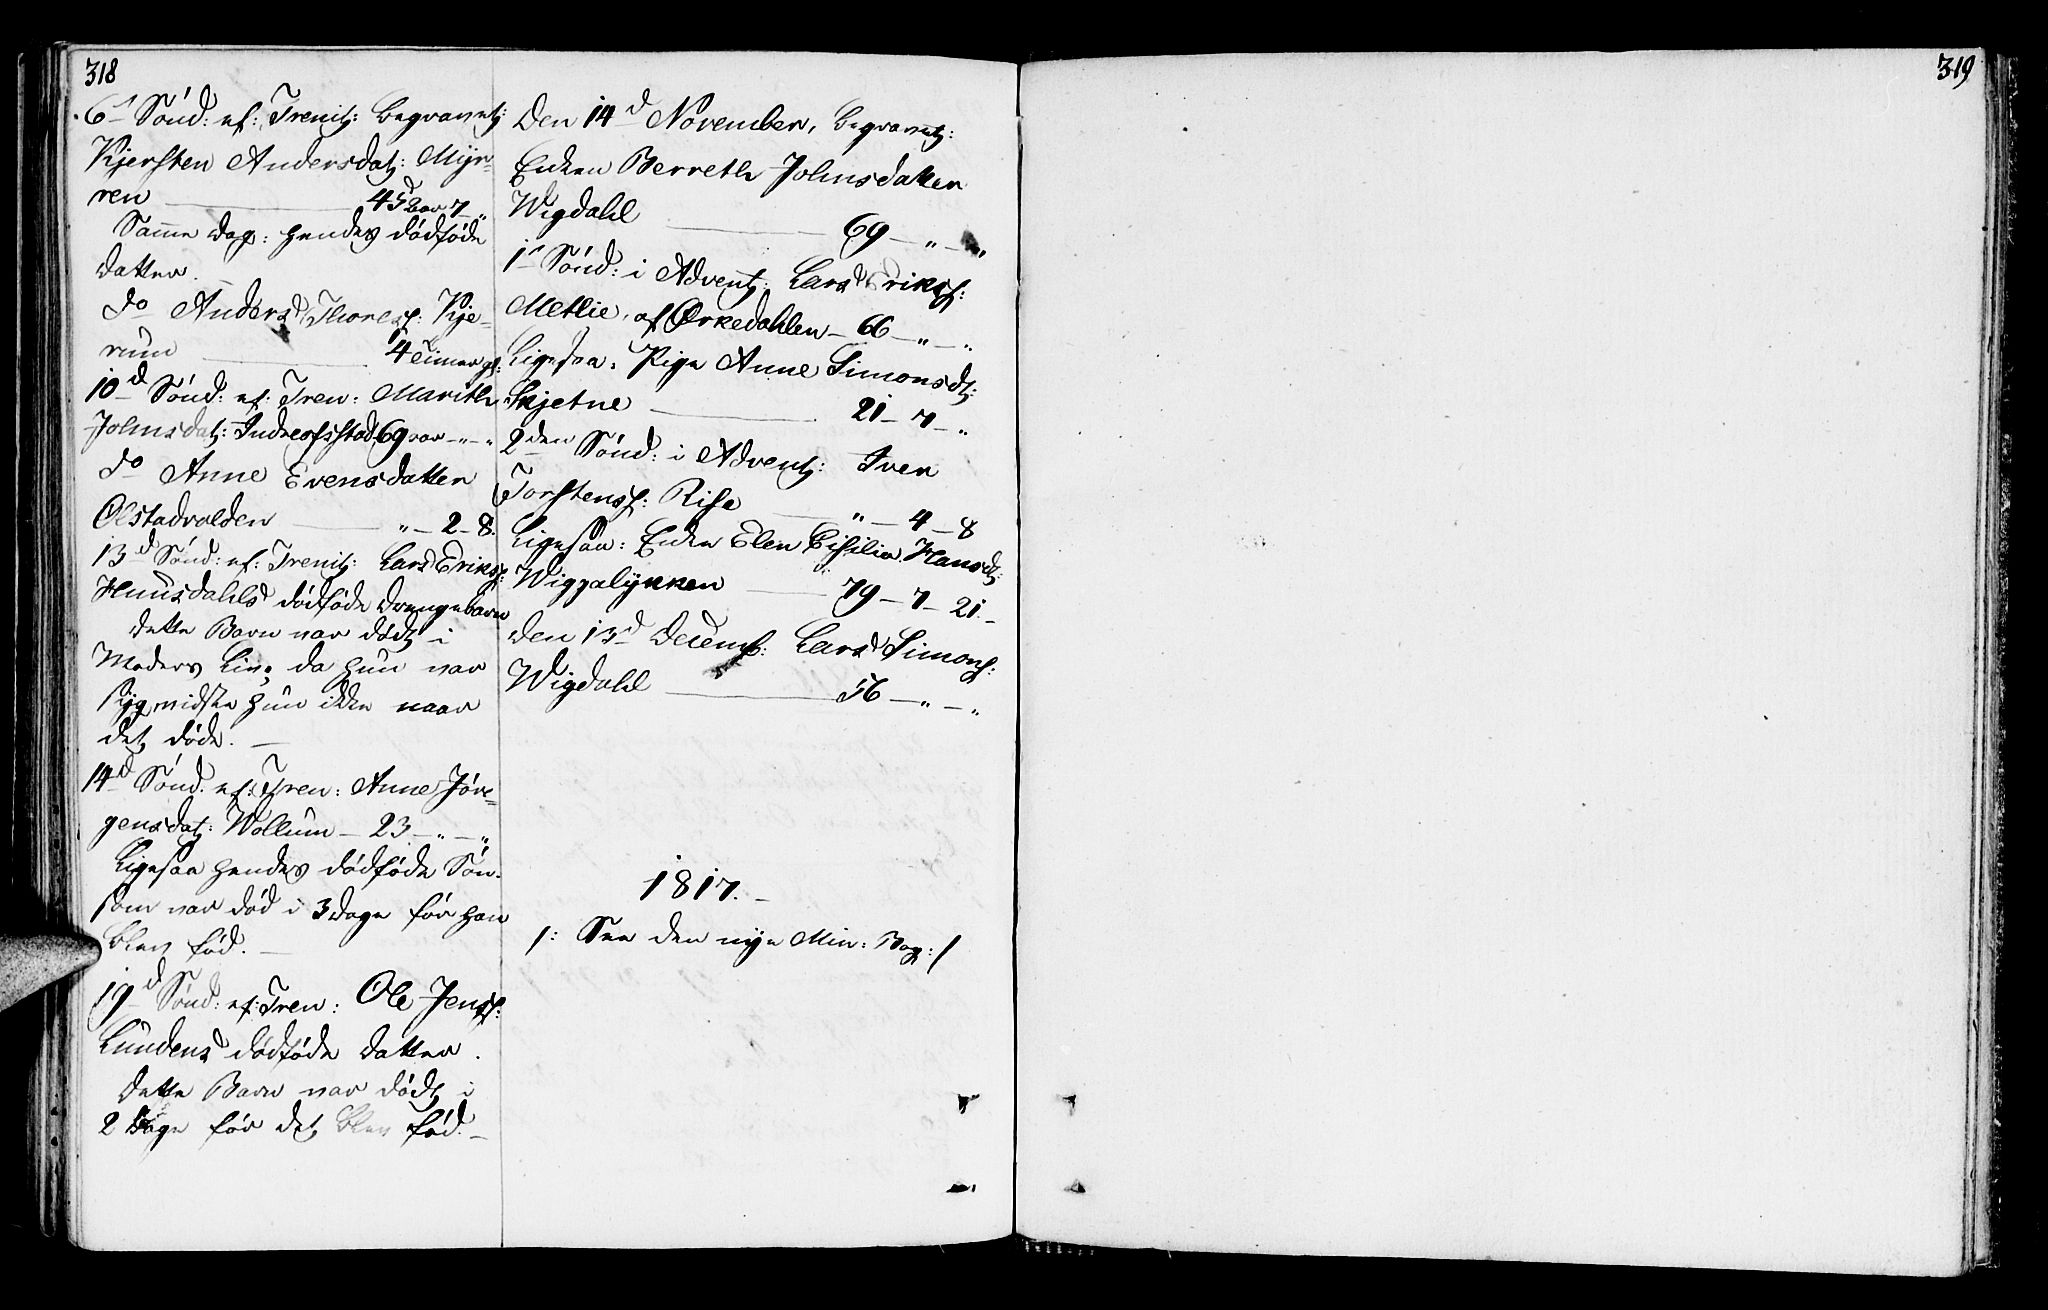 SAT, Ministerialprotokoller, klokkerbøker og fødselsregistre - Sør-Trøndelag, 665/L0769: Ministerialbok nr. 665A04, 1803-1816, s. 318-319